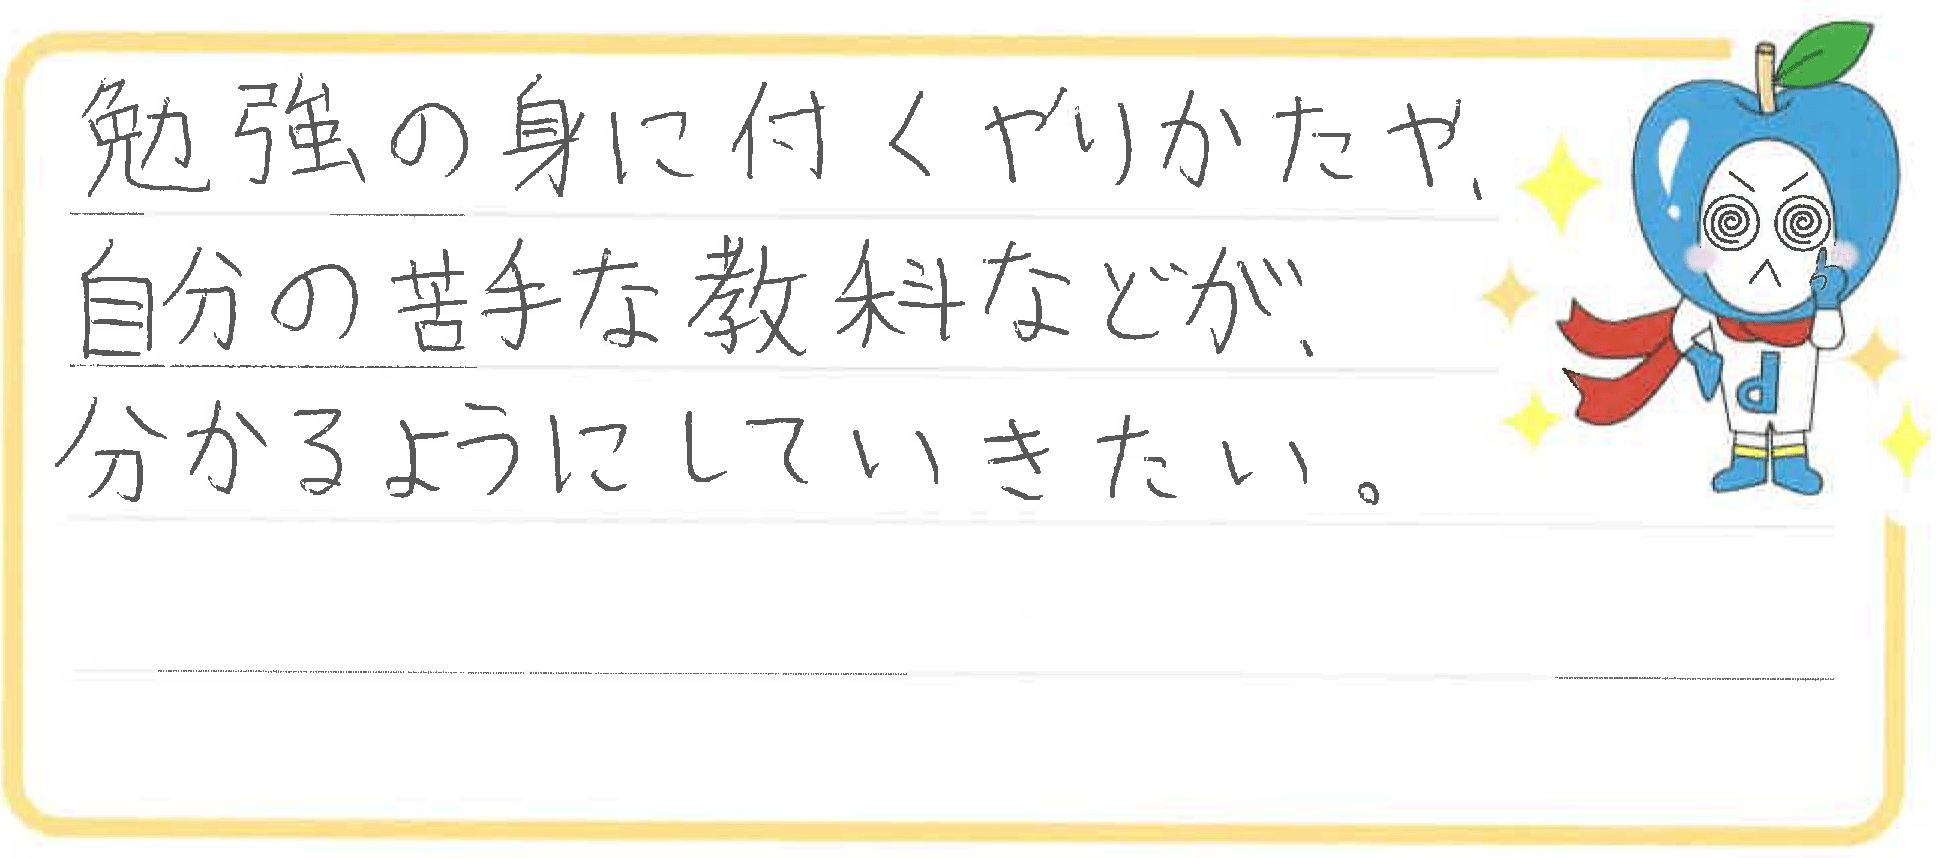 しづき君(倉吉市)からの口コミ